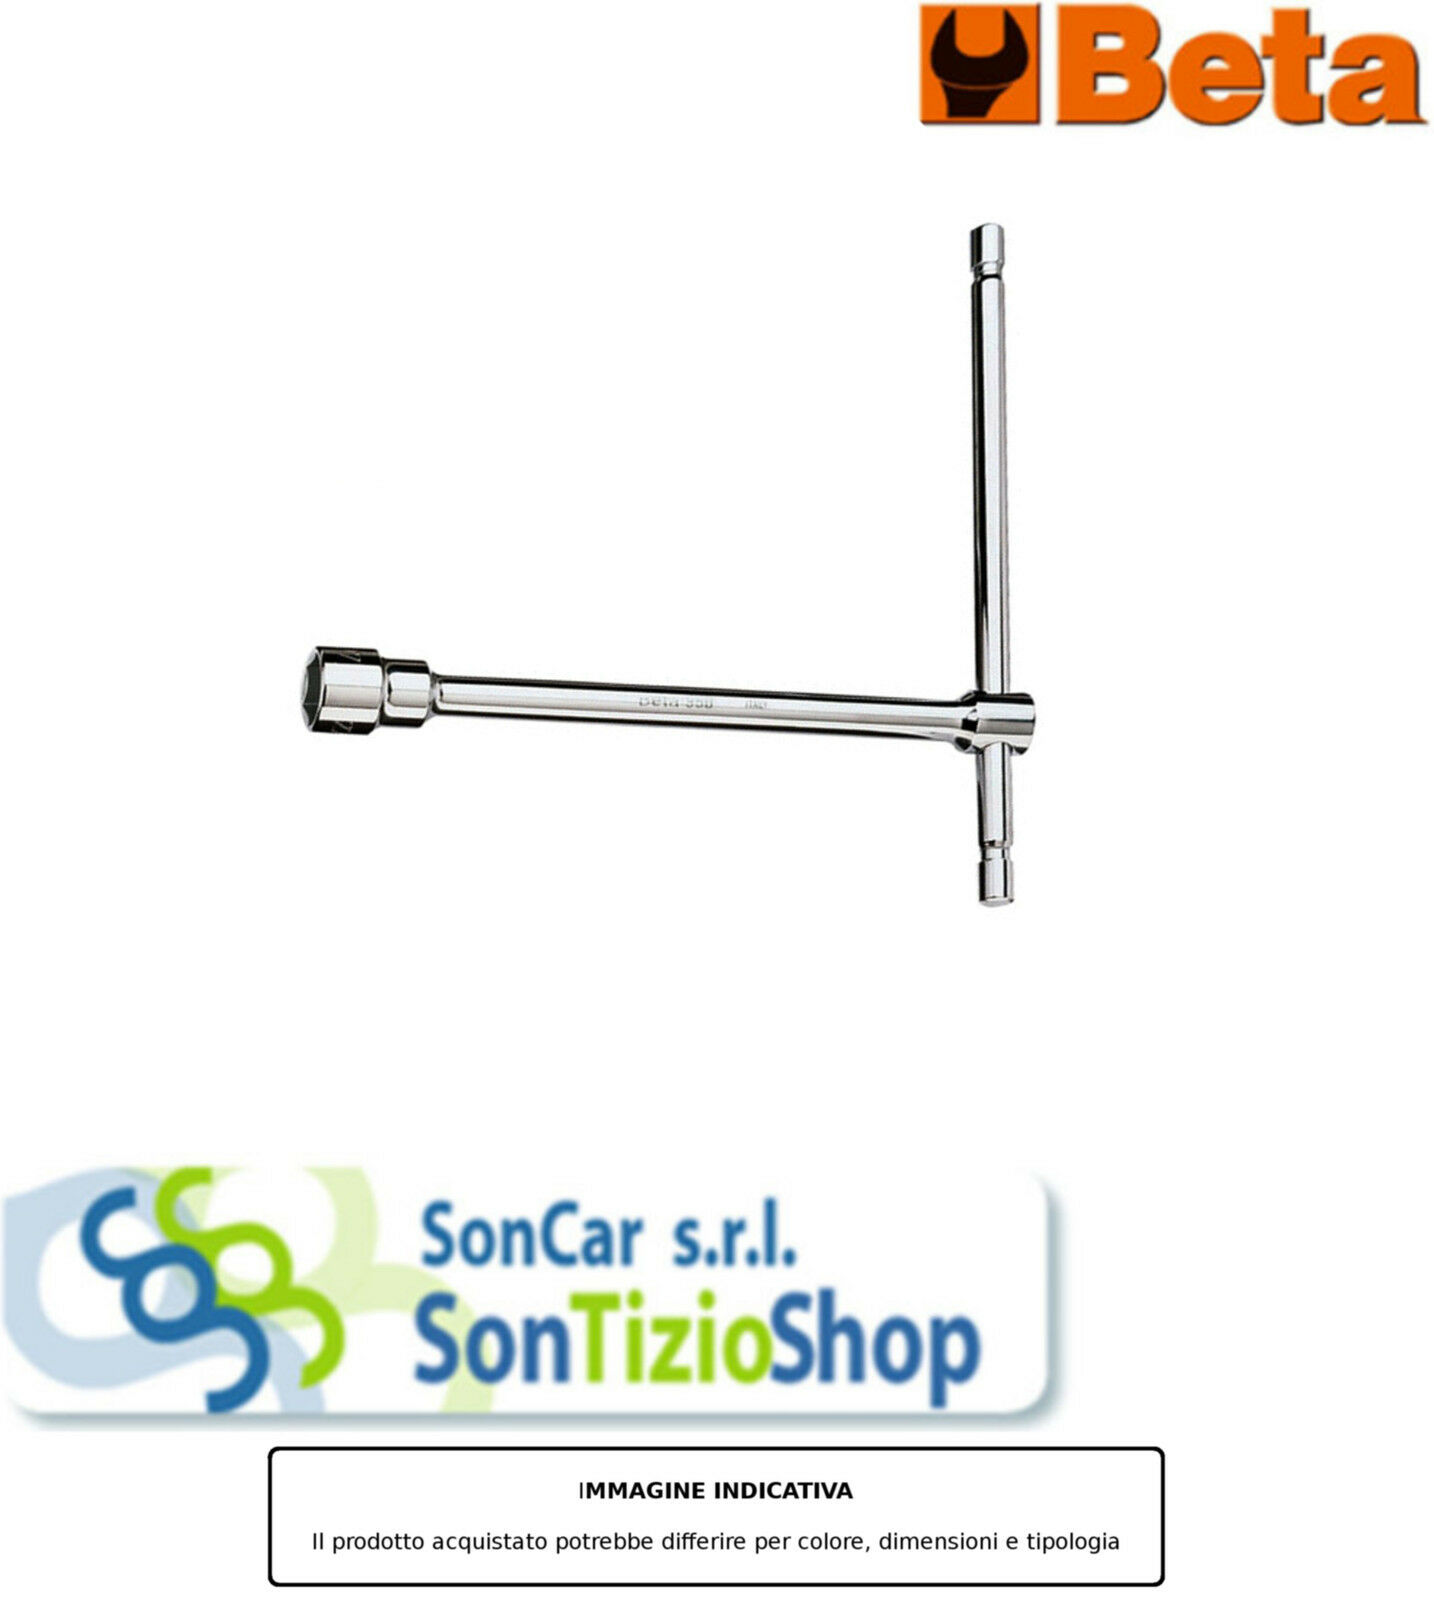 BETA 950 27 Artikel Original  Schlüssel bis t einfach 27